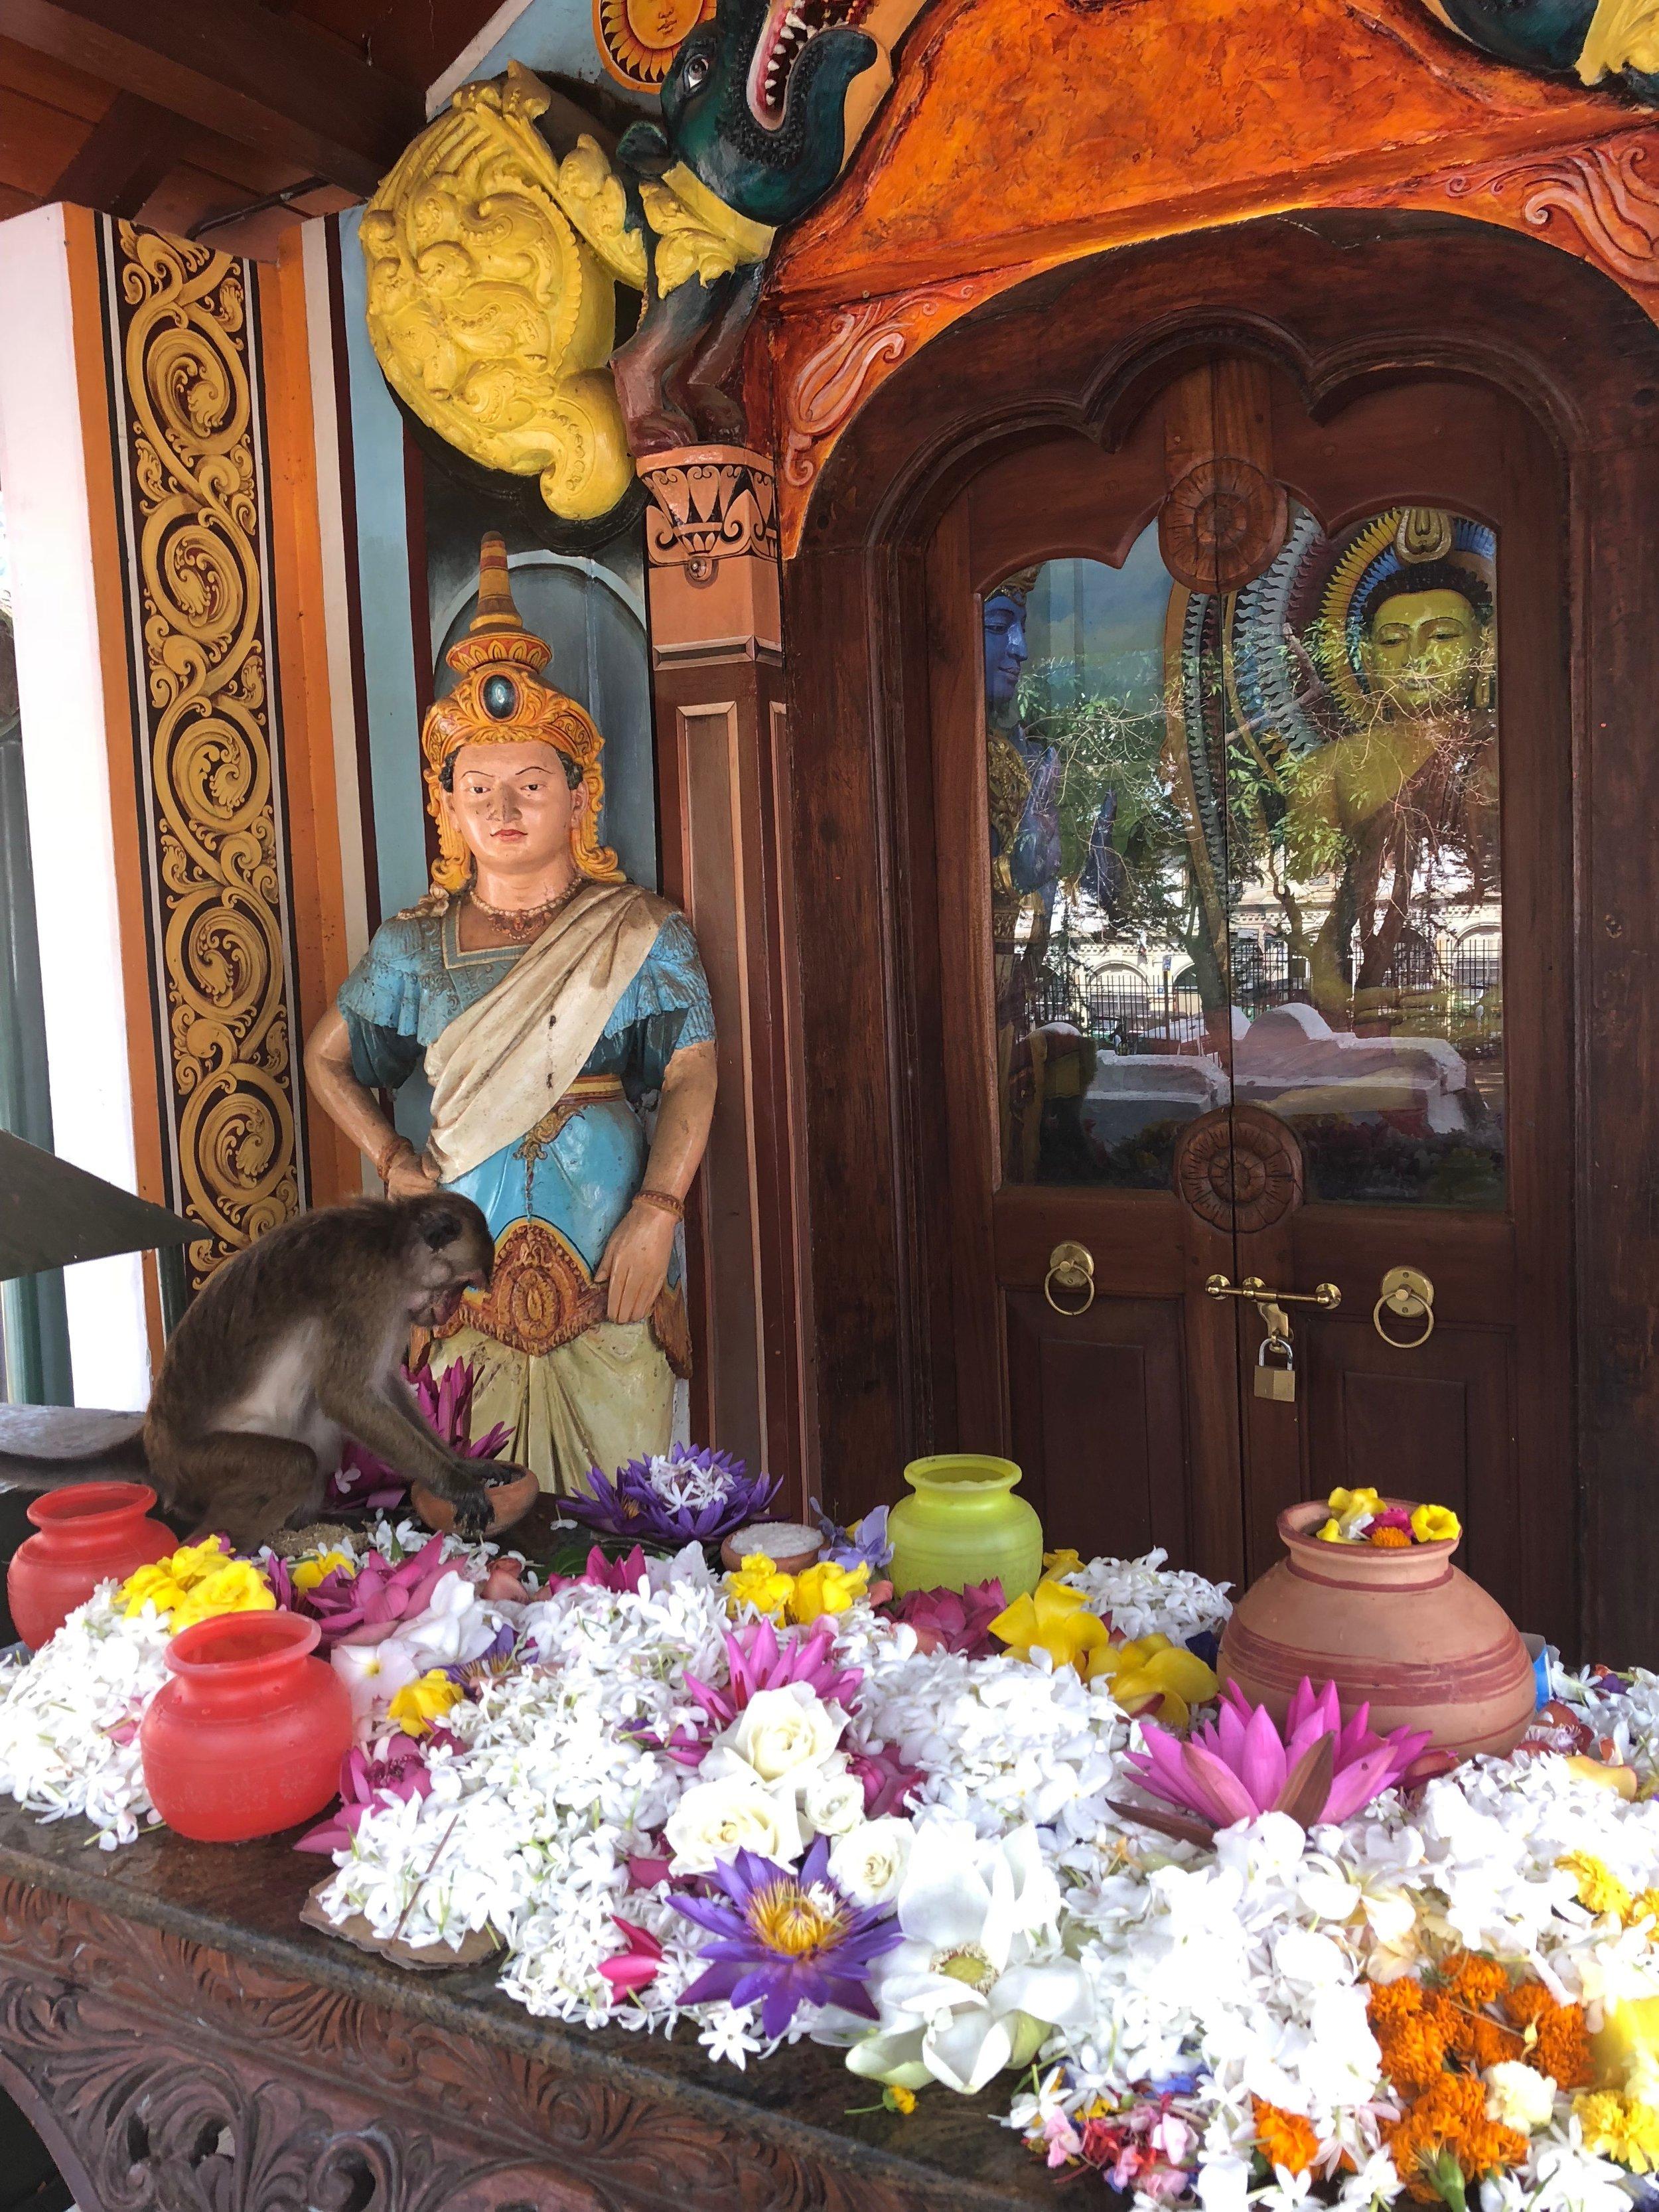 Monkey enjoying the offerings...:)